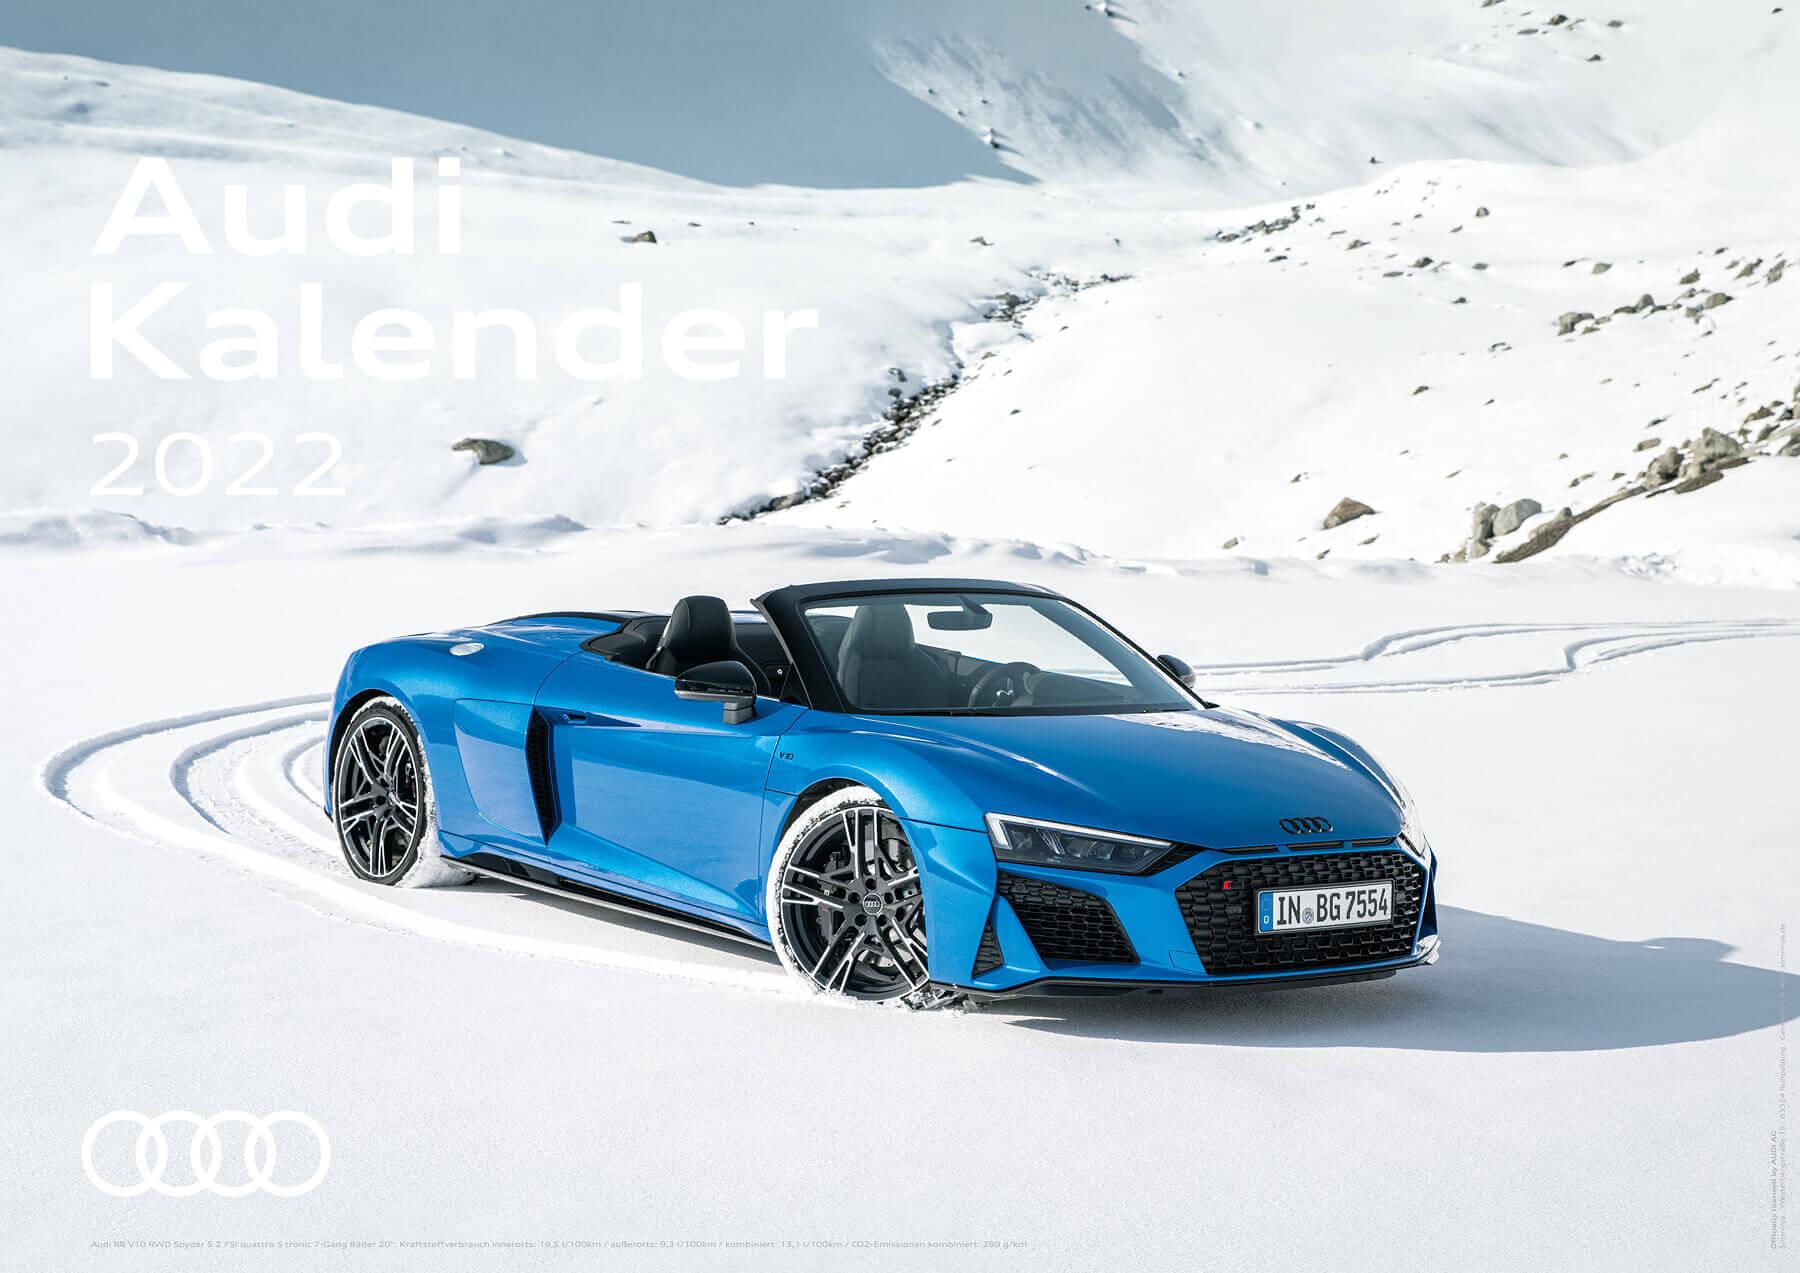 Audi Kalender 2022 A2